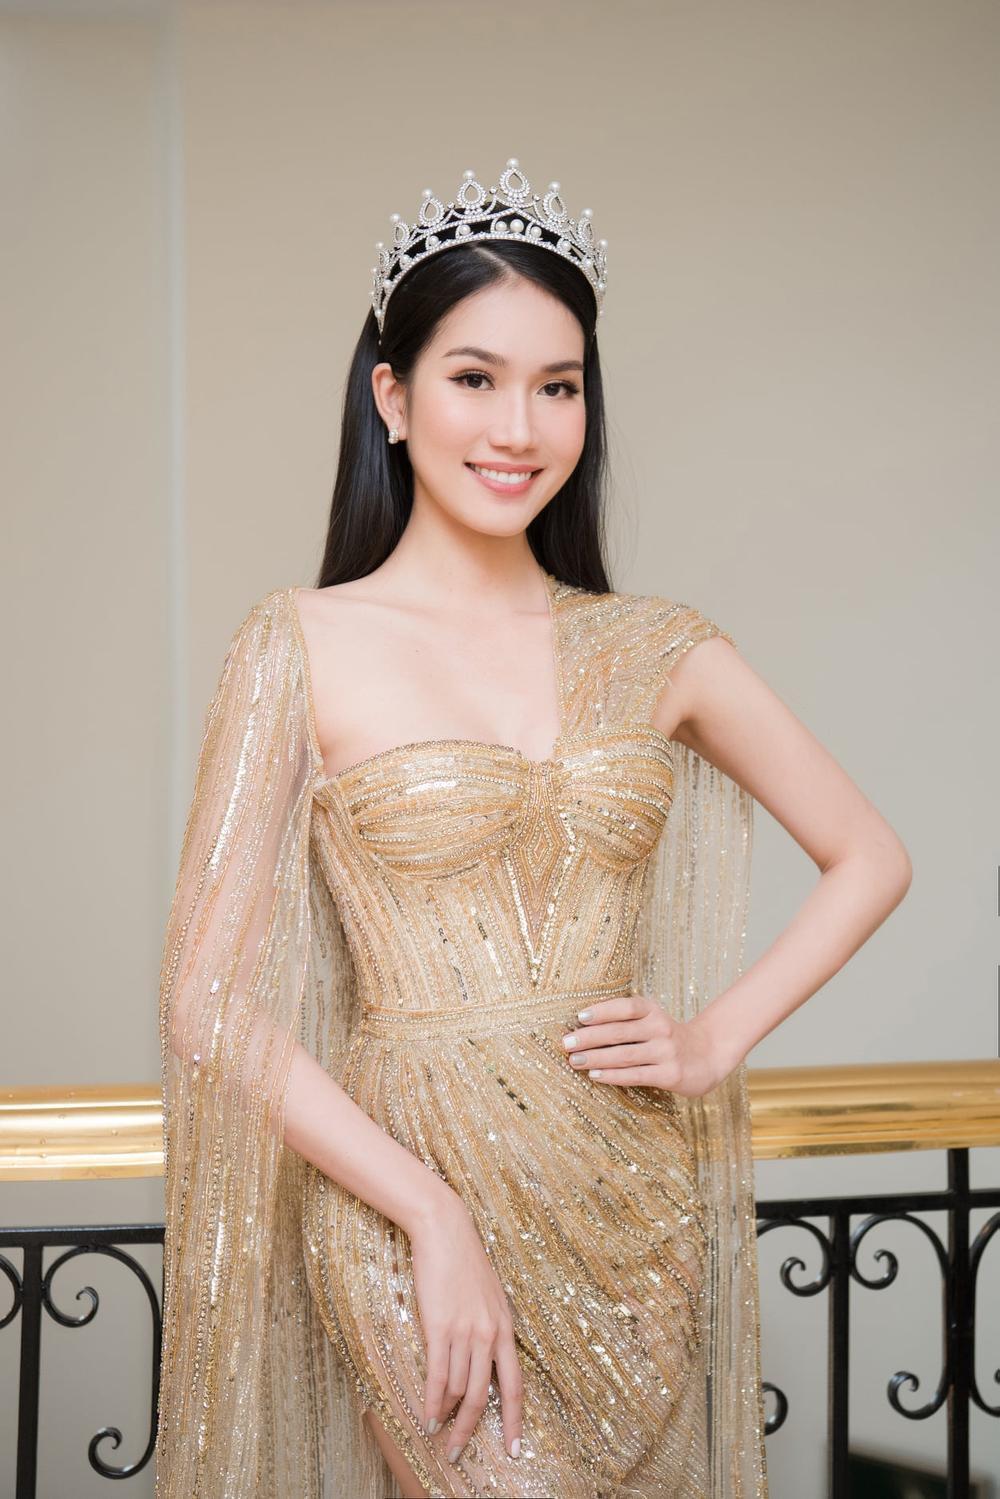 Lương Thùy Linh - Kiều Loan - Phương Anh ủng hộ thí sinh thẩm mỹ thi hoa hậu nhưng 'đẹp thôi chưa đủ' Ảnh 3